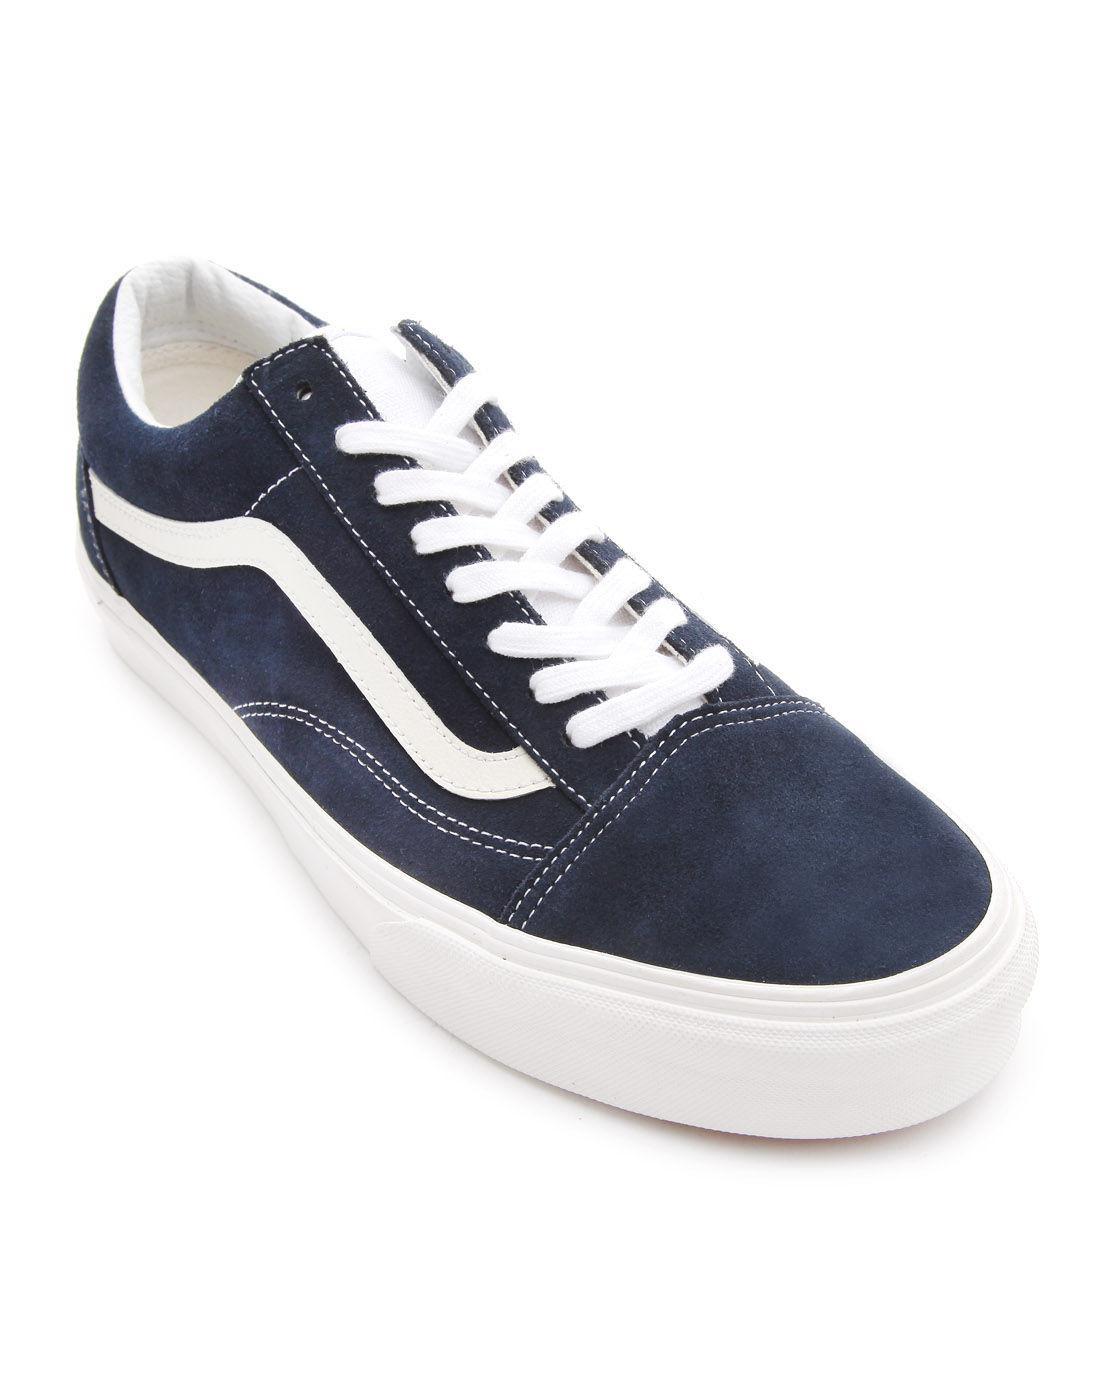 Vans Navy Blue Old Skool